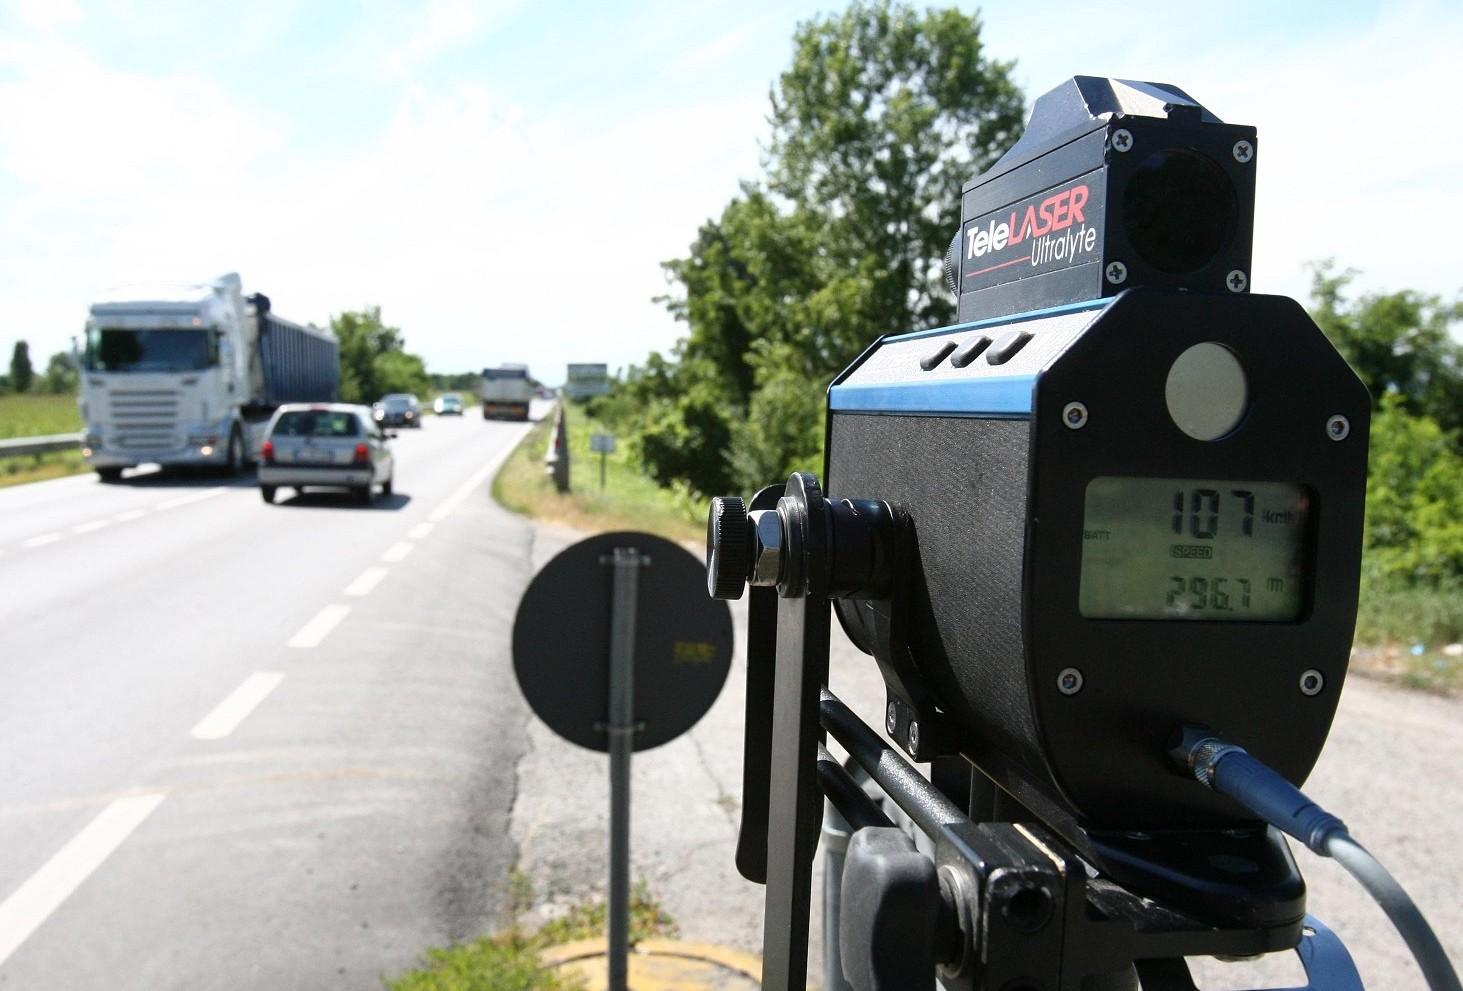 Multa per eccesso di velocità: limiti e sanzioni